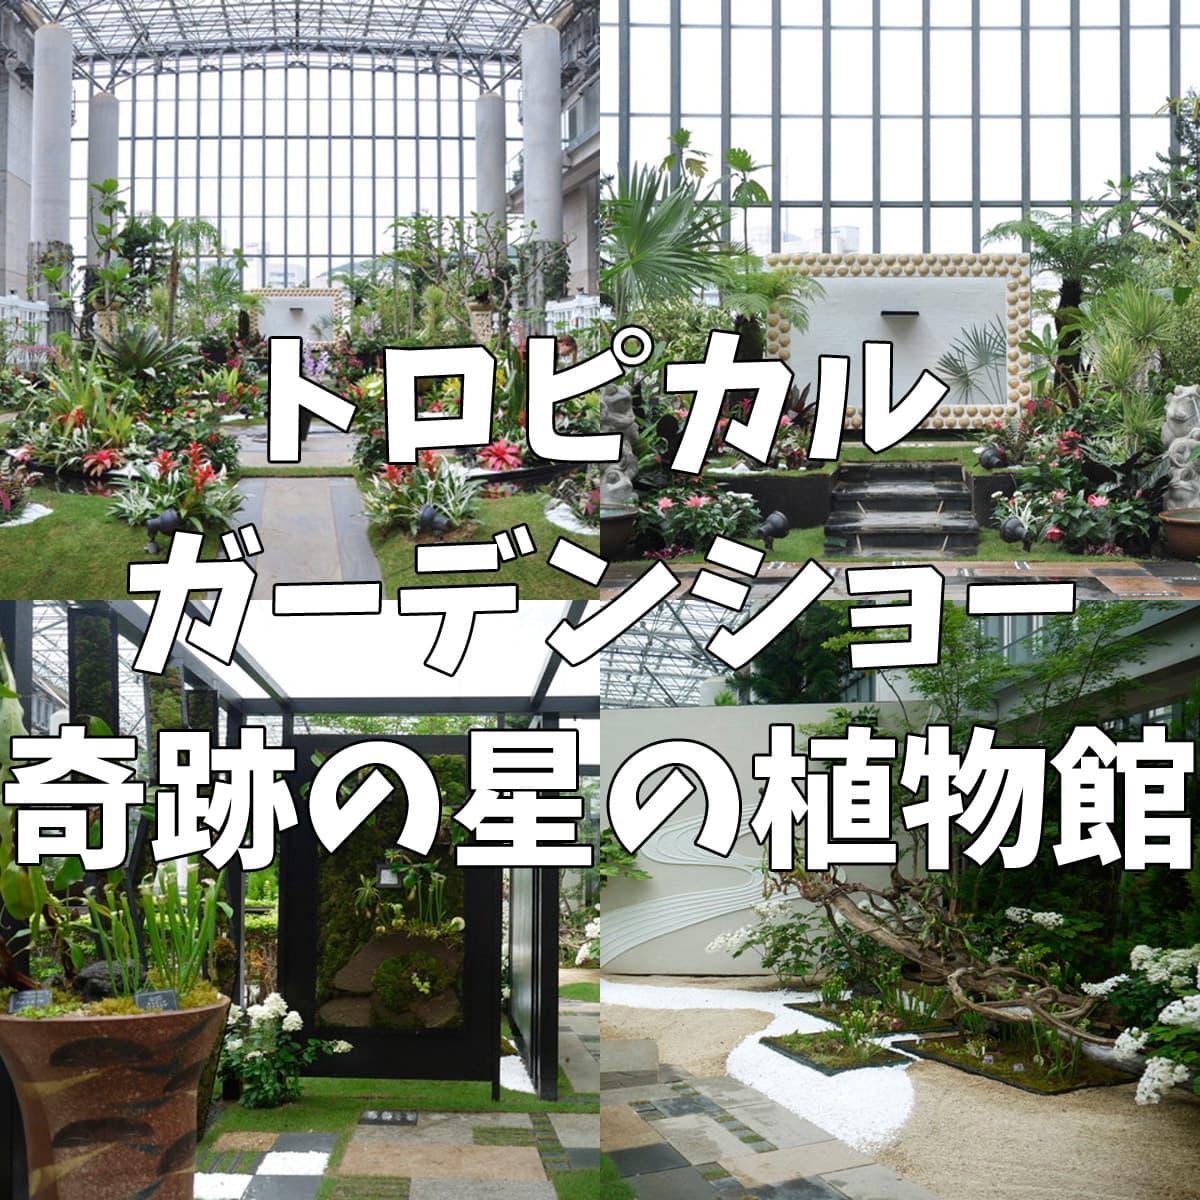 トロピカルガーデンショー 奇跡の星の植物館